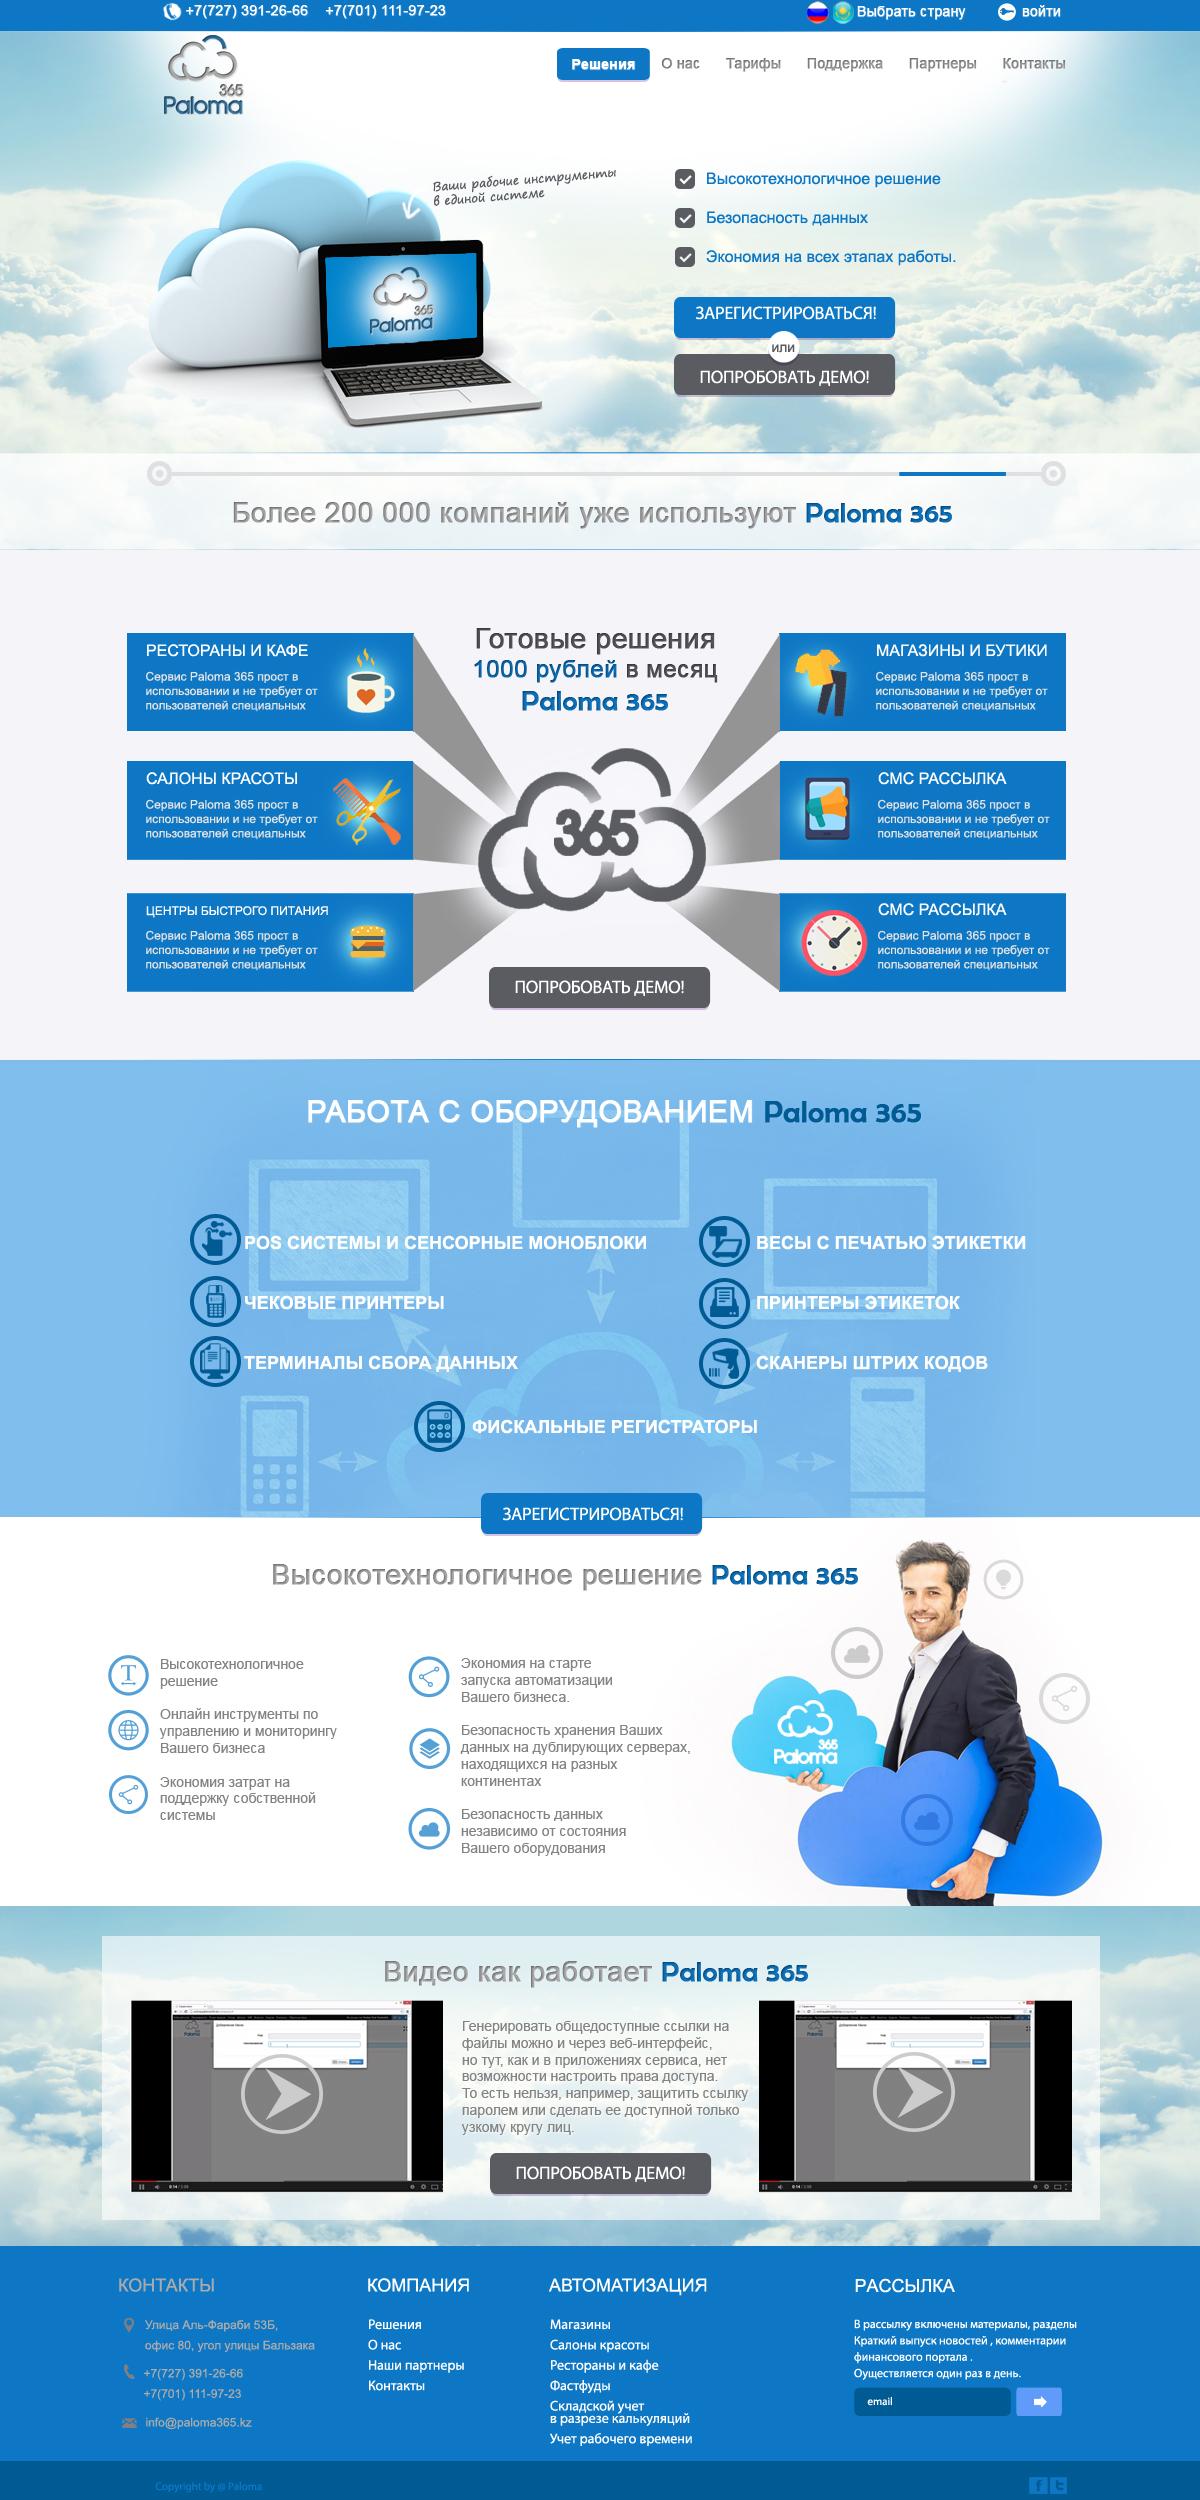 LP система автоматизации и управления Paloma 365.